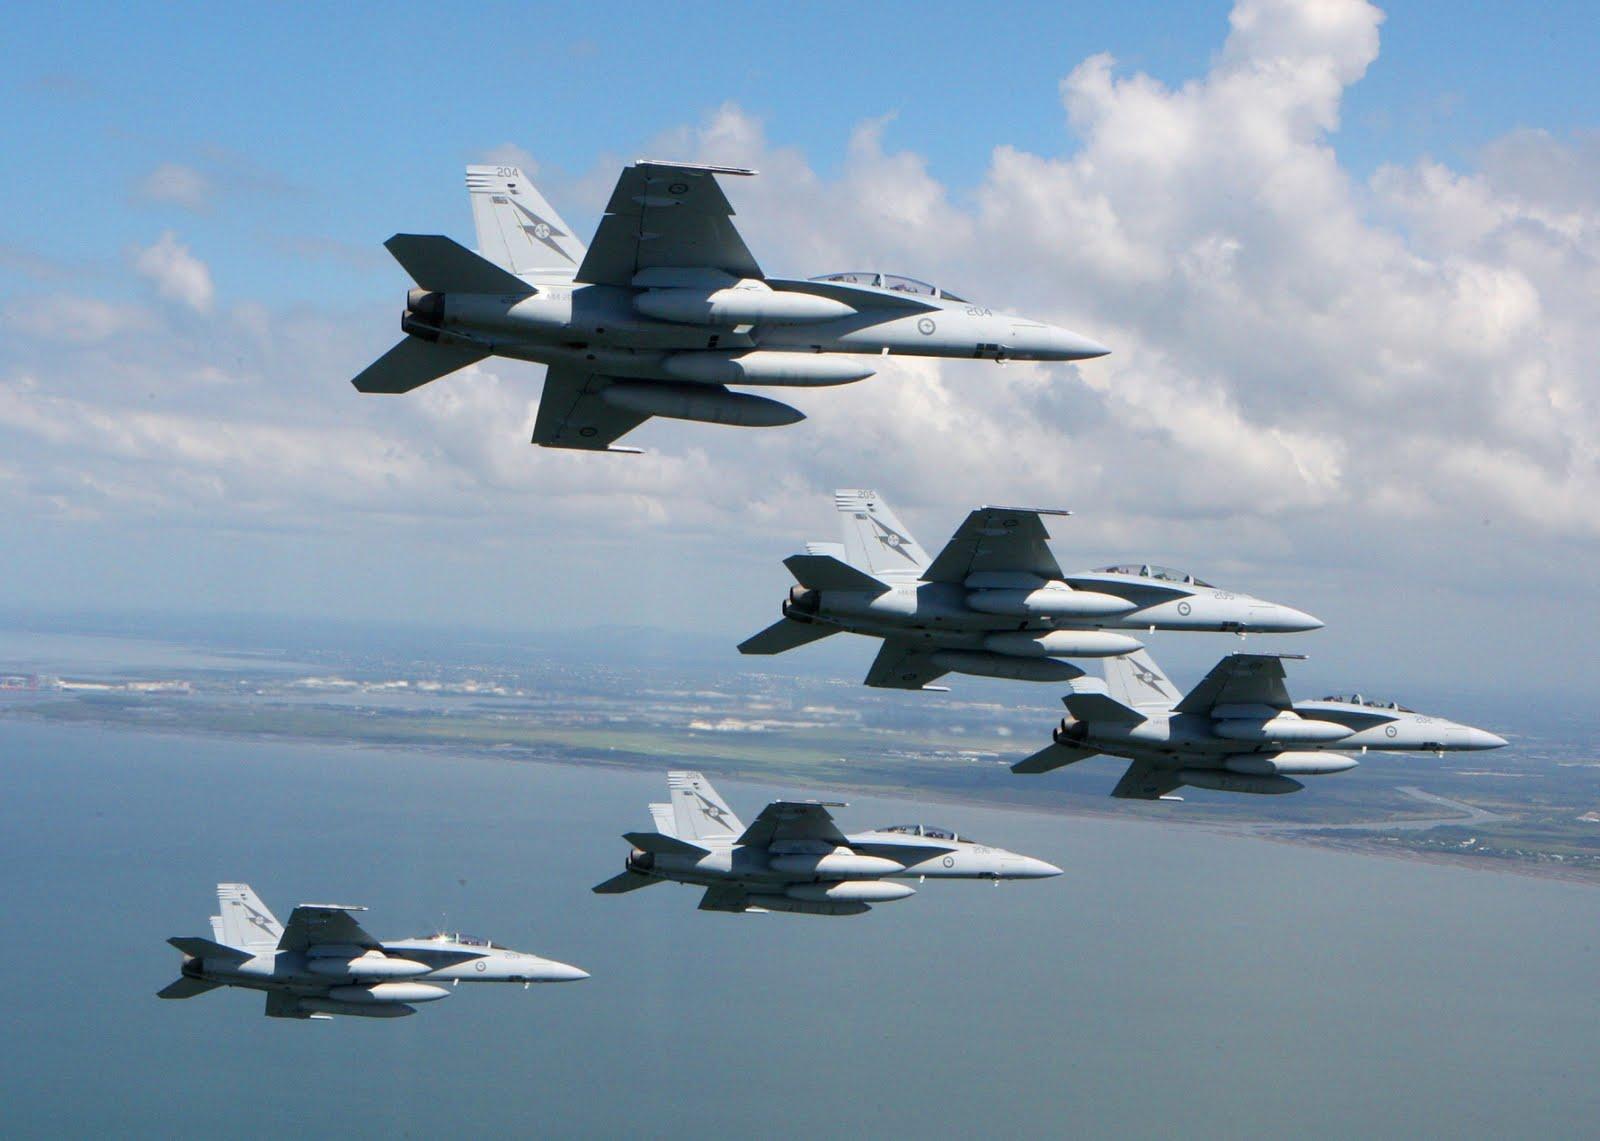 Nu har Boeing levererat de sista av 24 stycken beställda F A-18F Super  Hornet